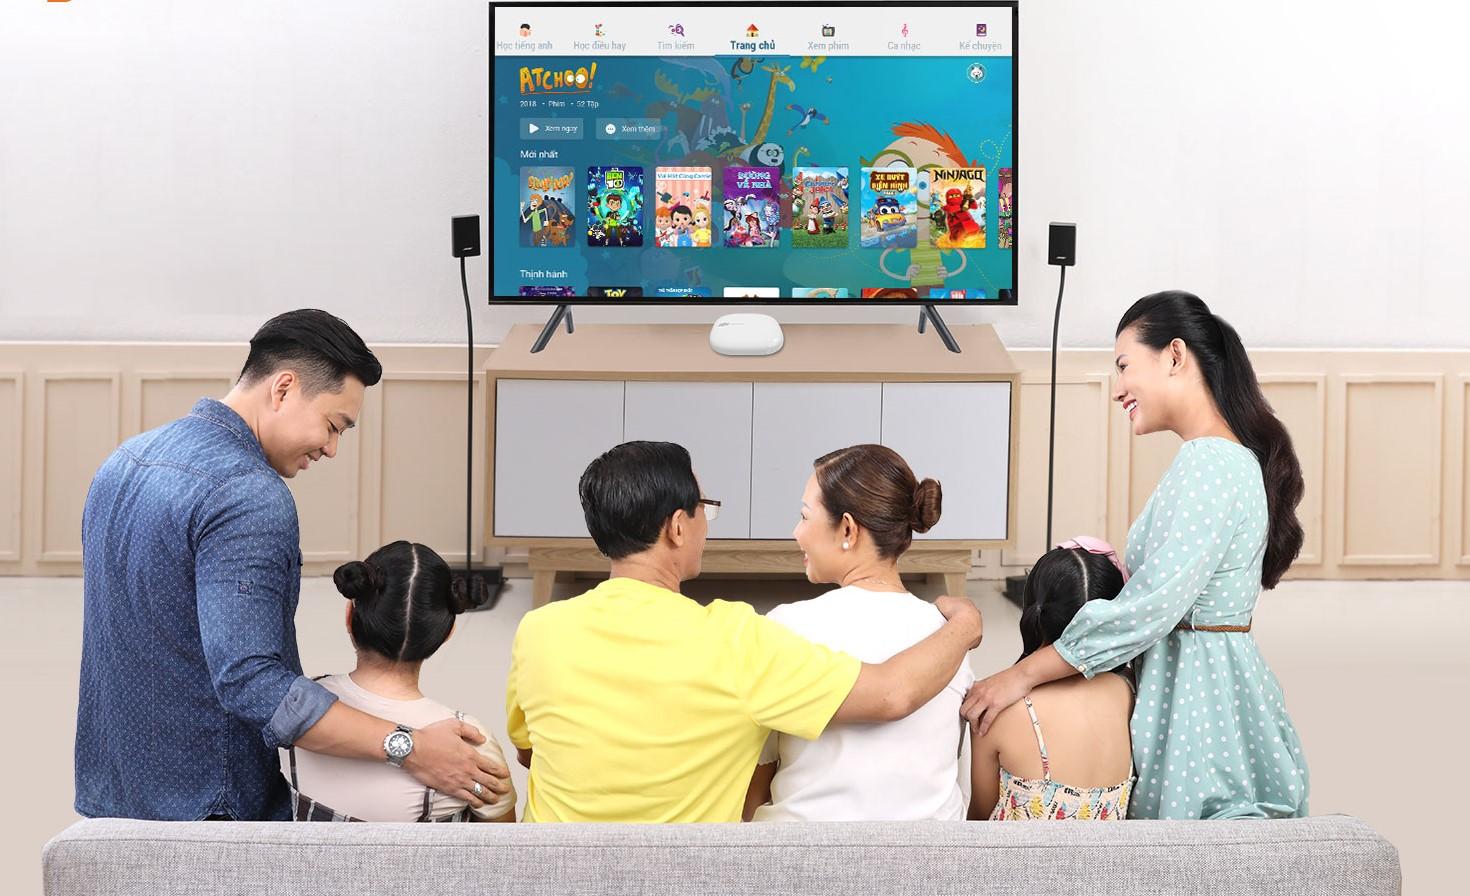 Truyền hình FPT tiến lên 4K, đẩy mạnh hệ sinh thái nội dung vì khách hàng - Ảnh 4.